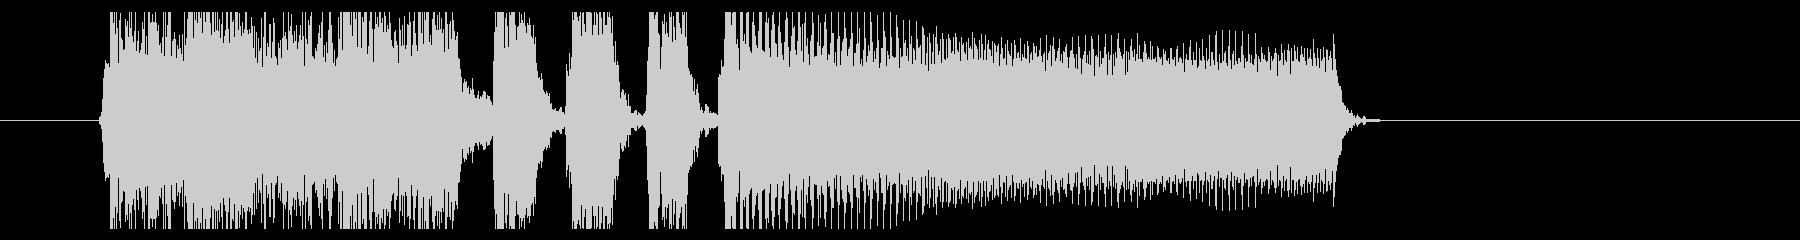 スラッシュメタルジングル(BPM210)の未再生の波形